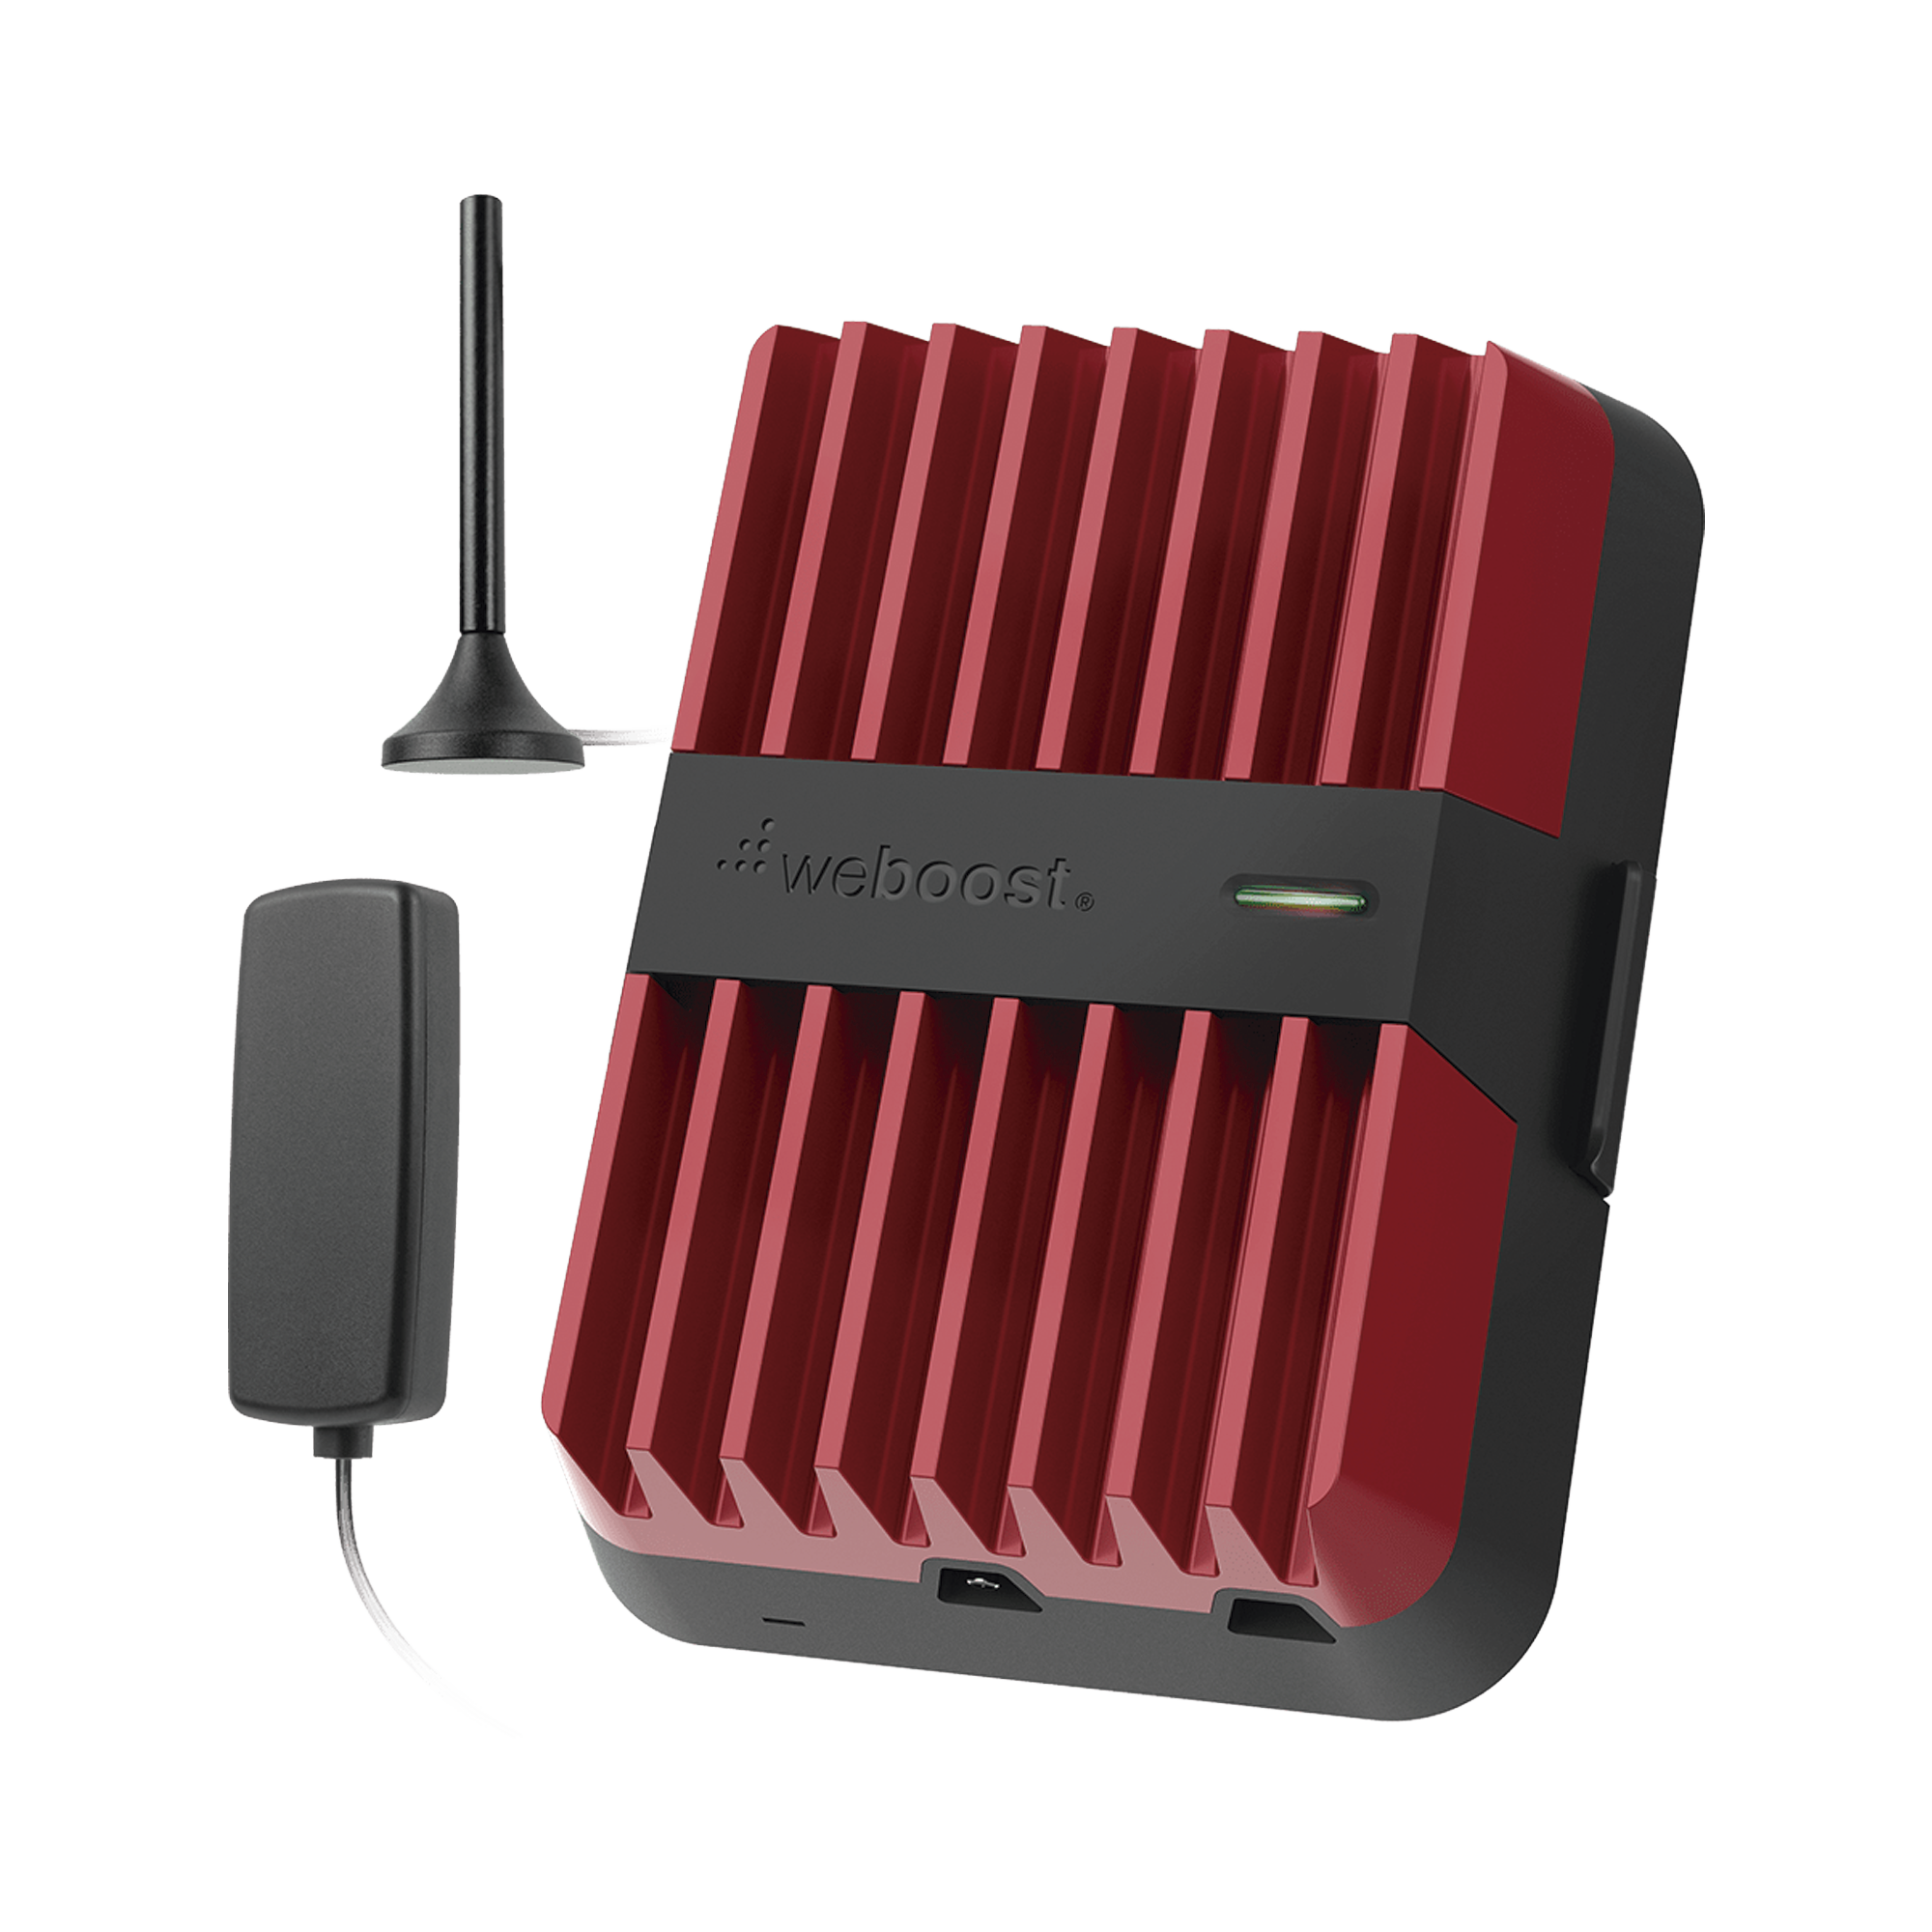 KIT de Amplificador de Señal Celular, DRIVE REACH | Capta Señal Celular de las Torres más Lejanas para que se Mantenga Comunicado y con Datos 4G LTE y 3G | Ideal para cualquier tipo de Vehículo de Pasajeros, Camionetas, Pick up